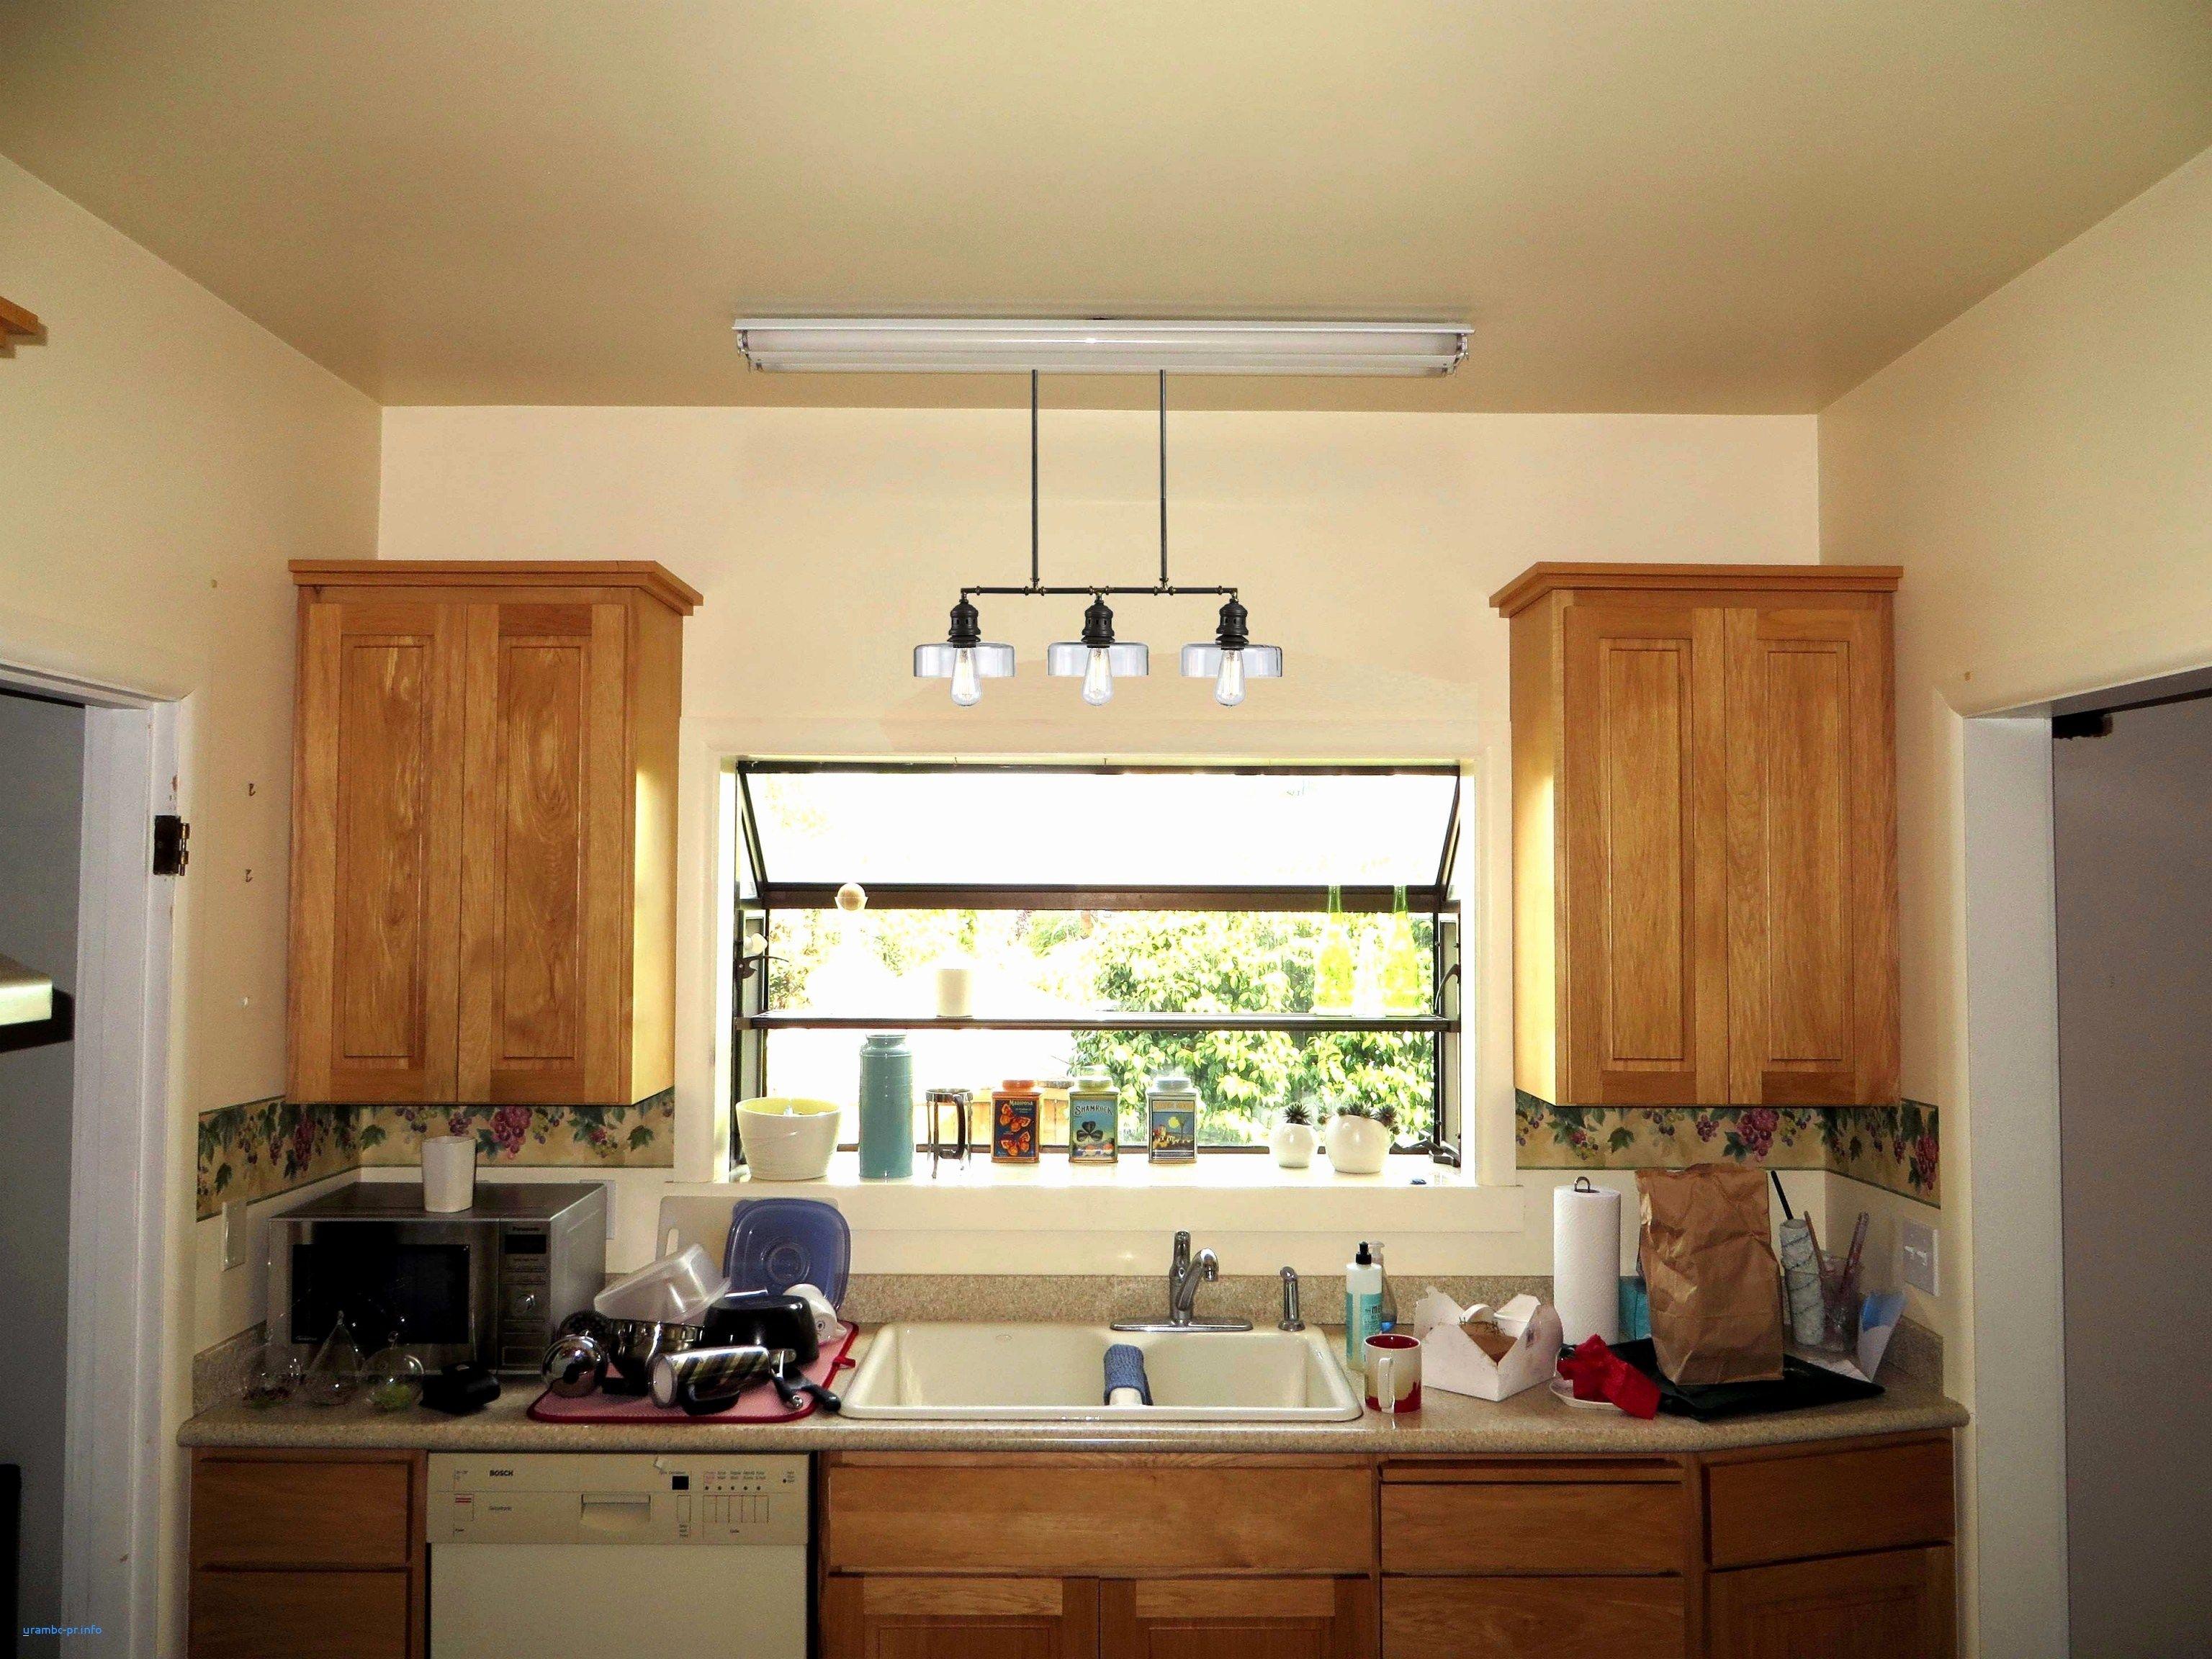 Bedroom Track Lighting Living Room Track Lighting Bedroom Unique 50 Inspirational Led Bedroom Ce Kitchen Design Grey Painted Kitchen